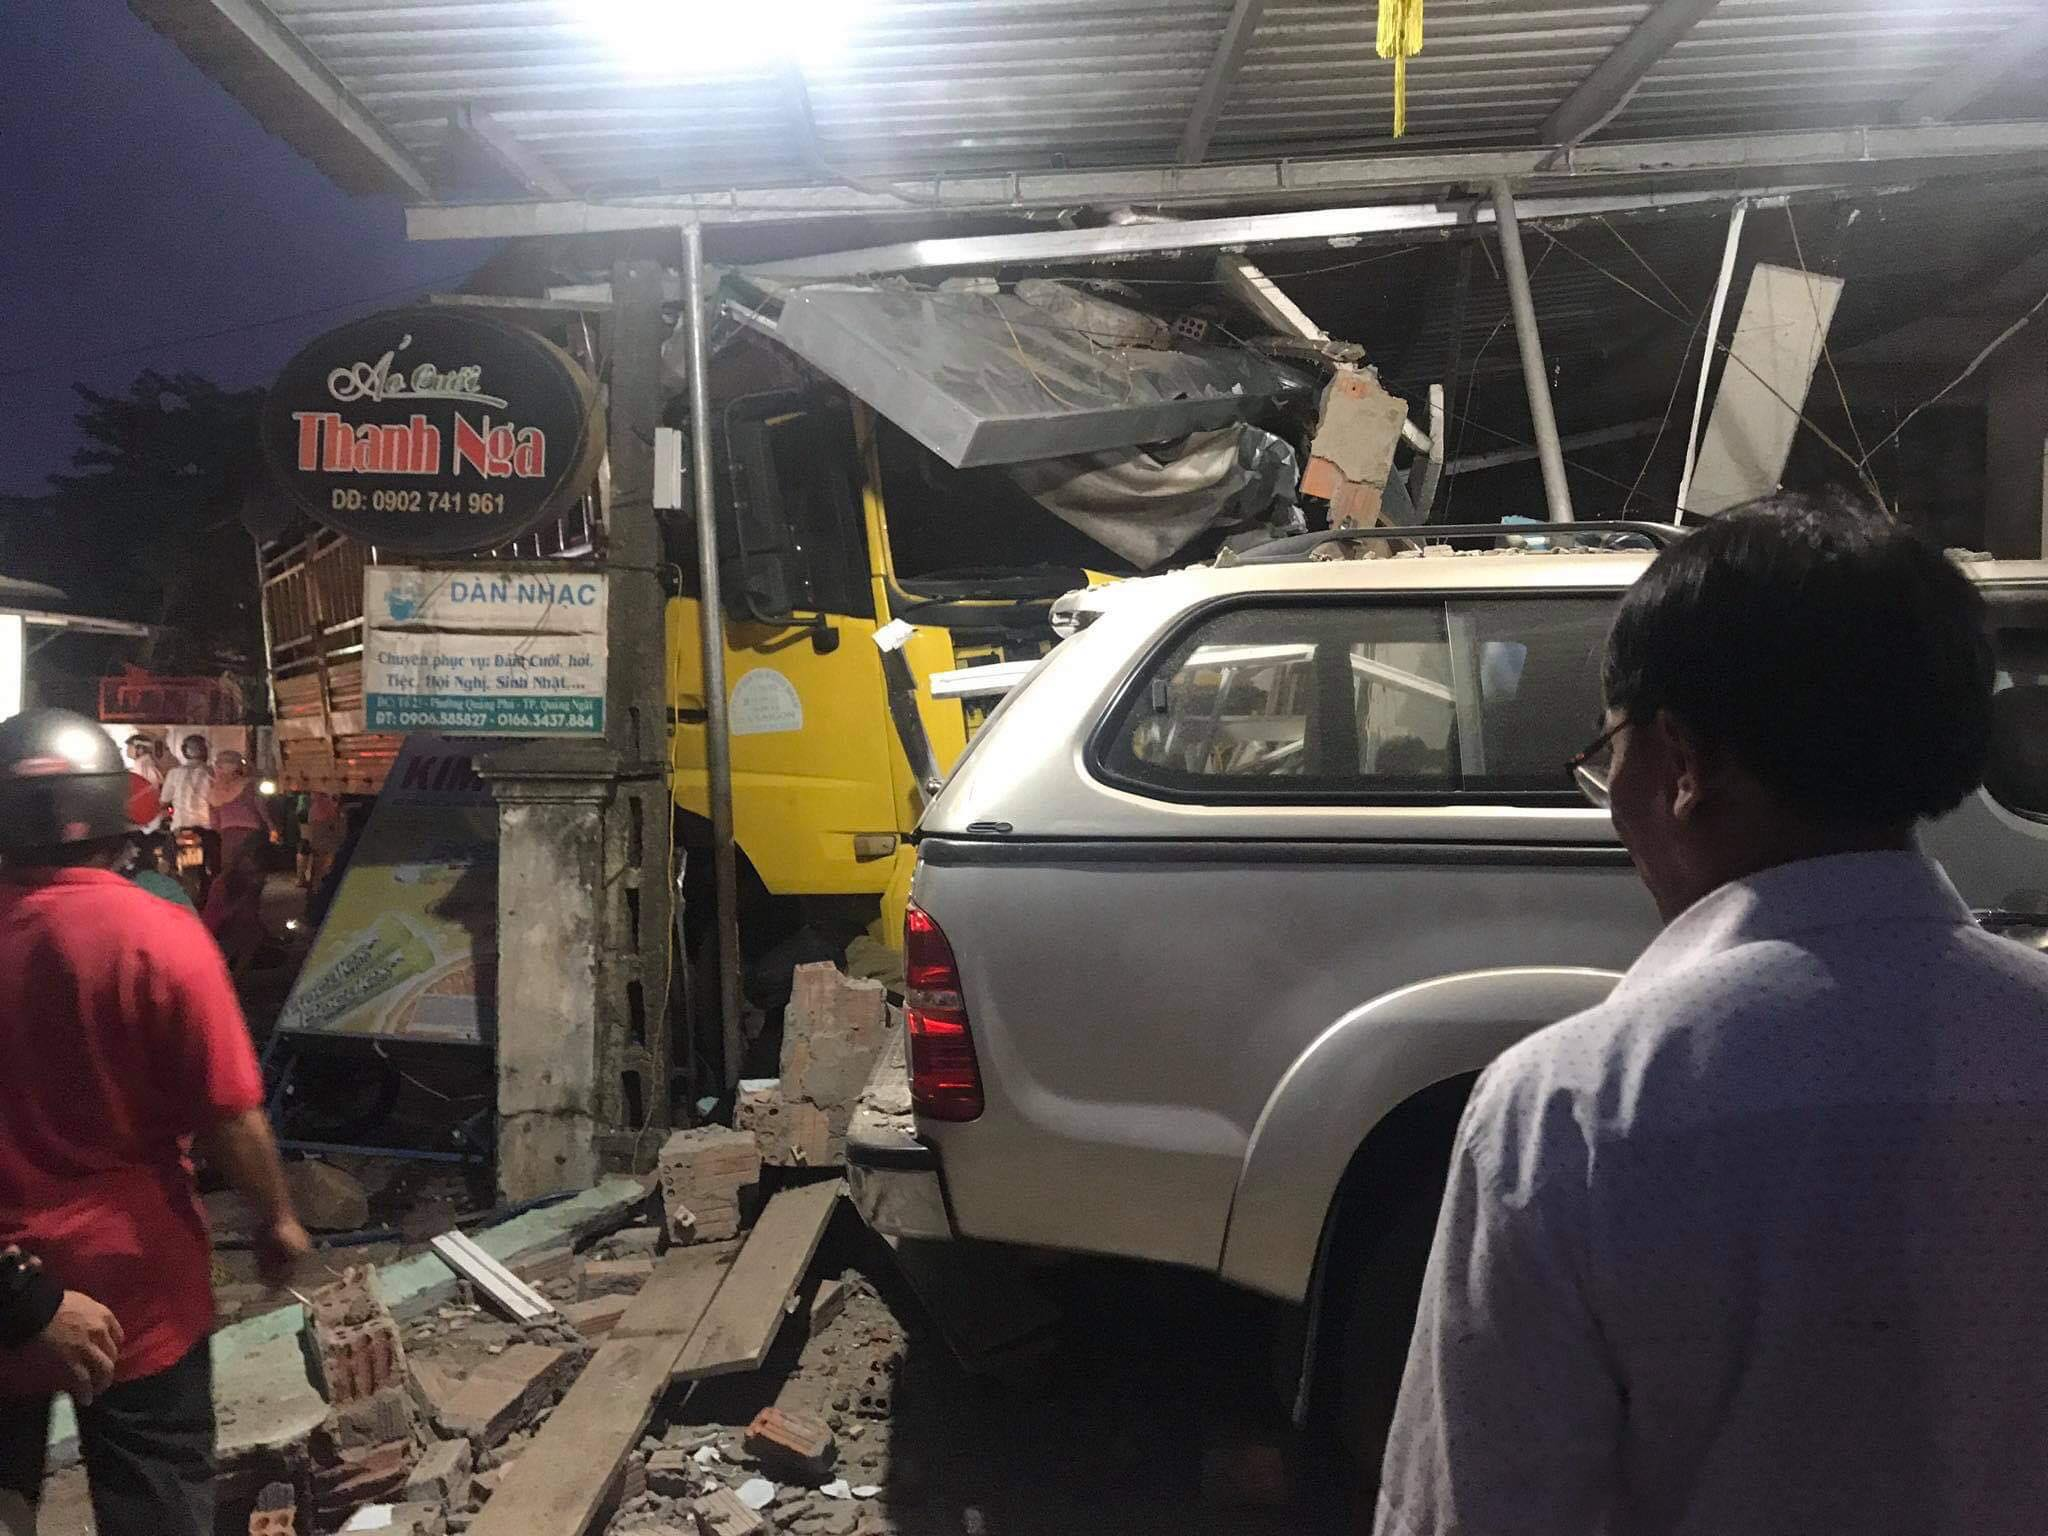 Quảng Ngãi: Ô tô tải lao vào nhà dân, 3 người chết, nhiều người bị thương - 1